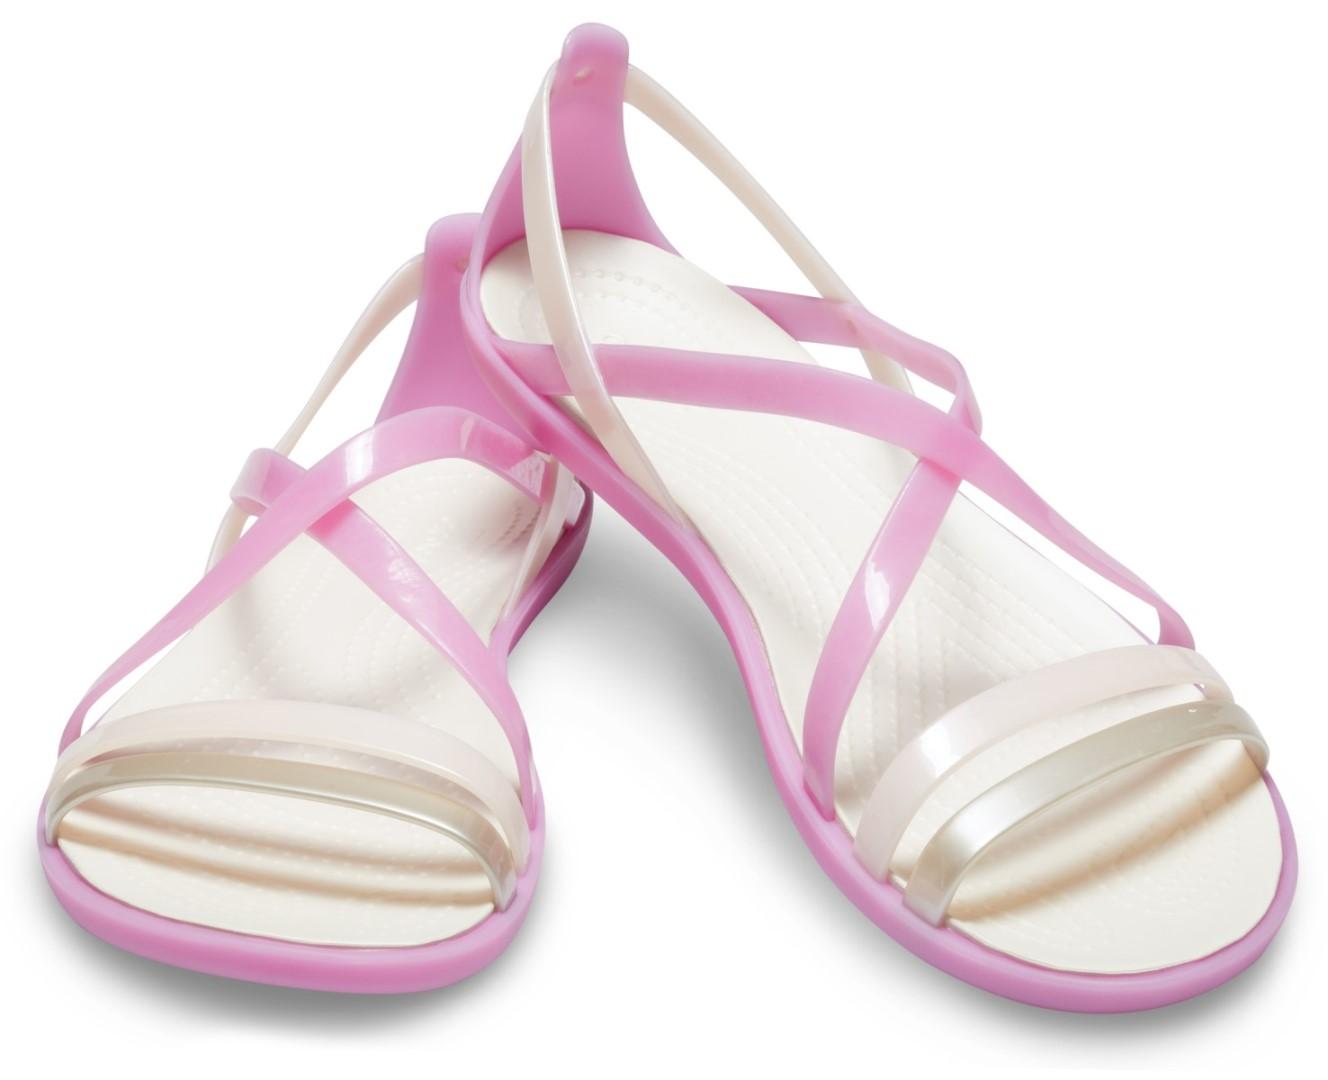 f923c3cf4f3b Dámske sandále Crocs Isabella Strappy Sandal ružová   biela